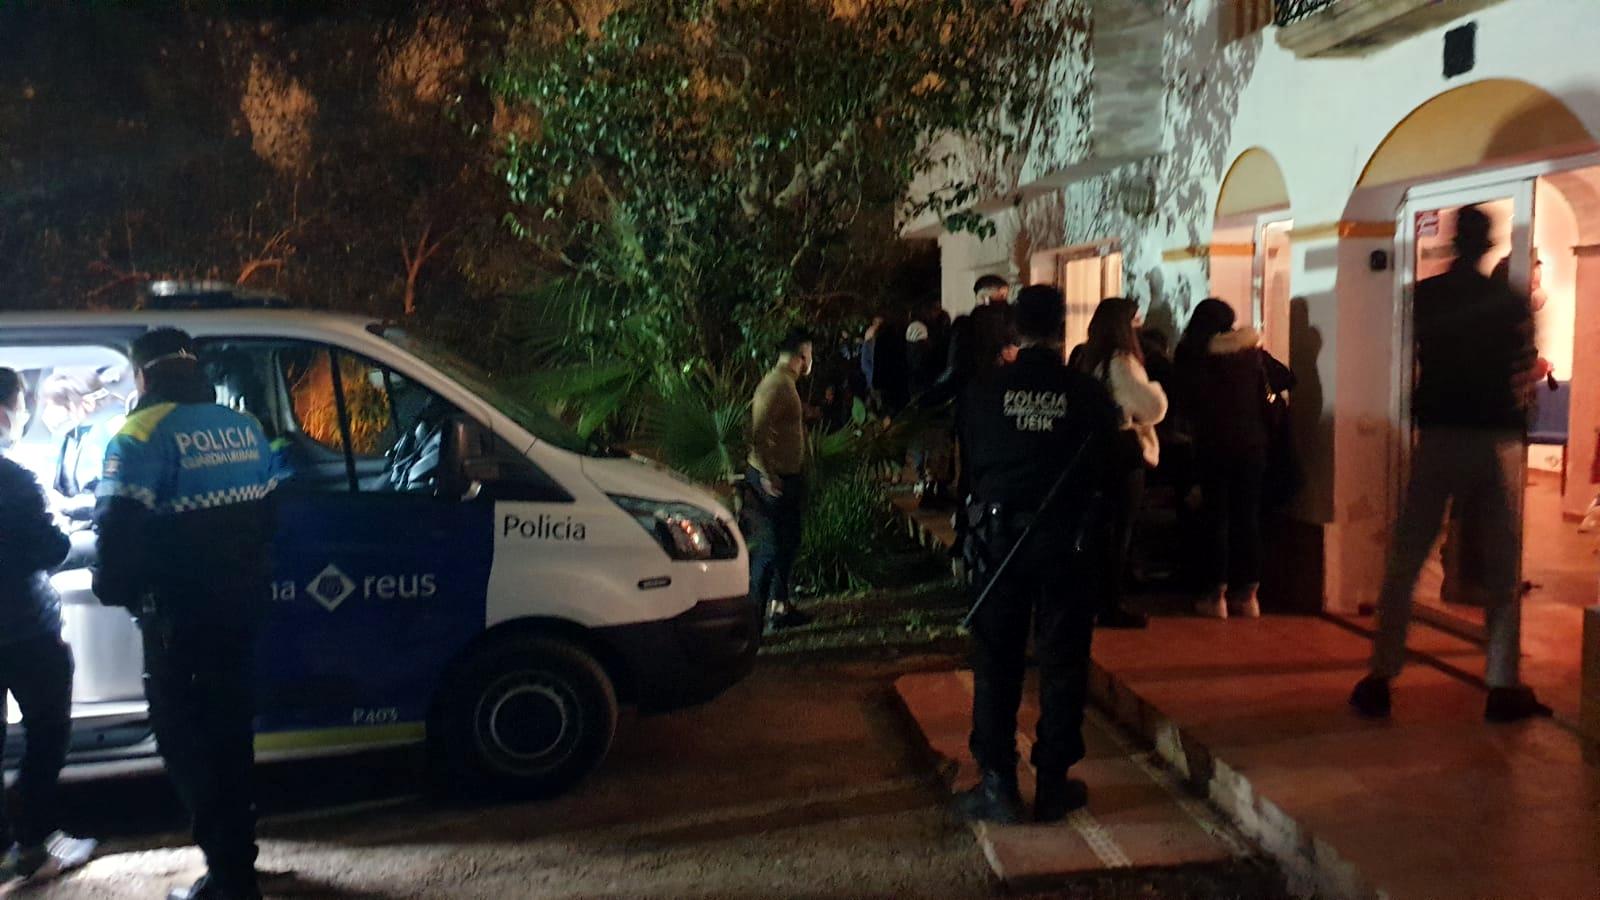 Actuació de la policia de Reus en una altra festa al febrer / ACN